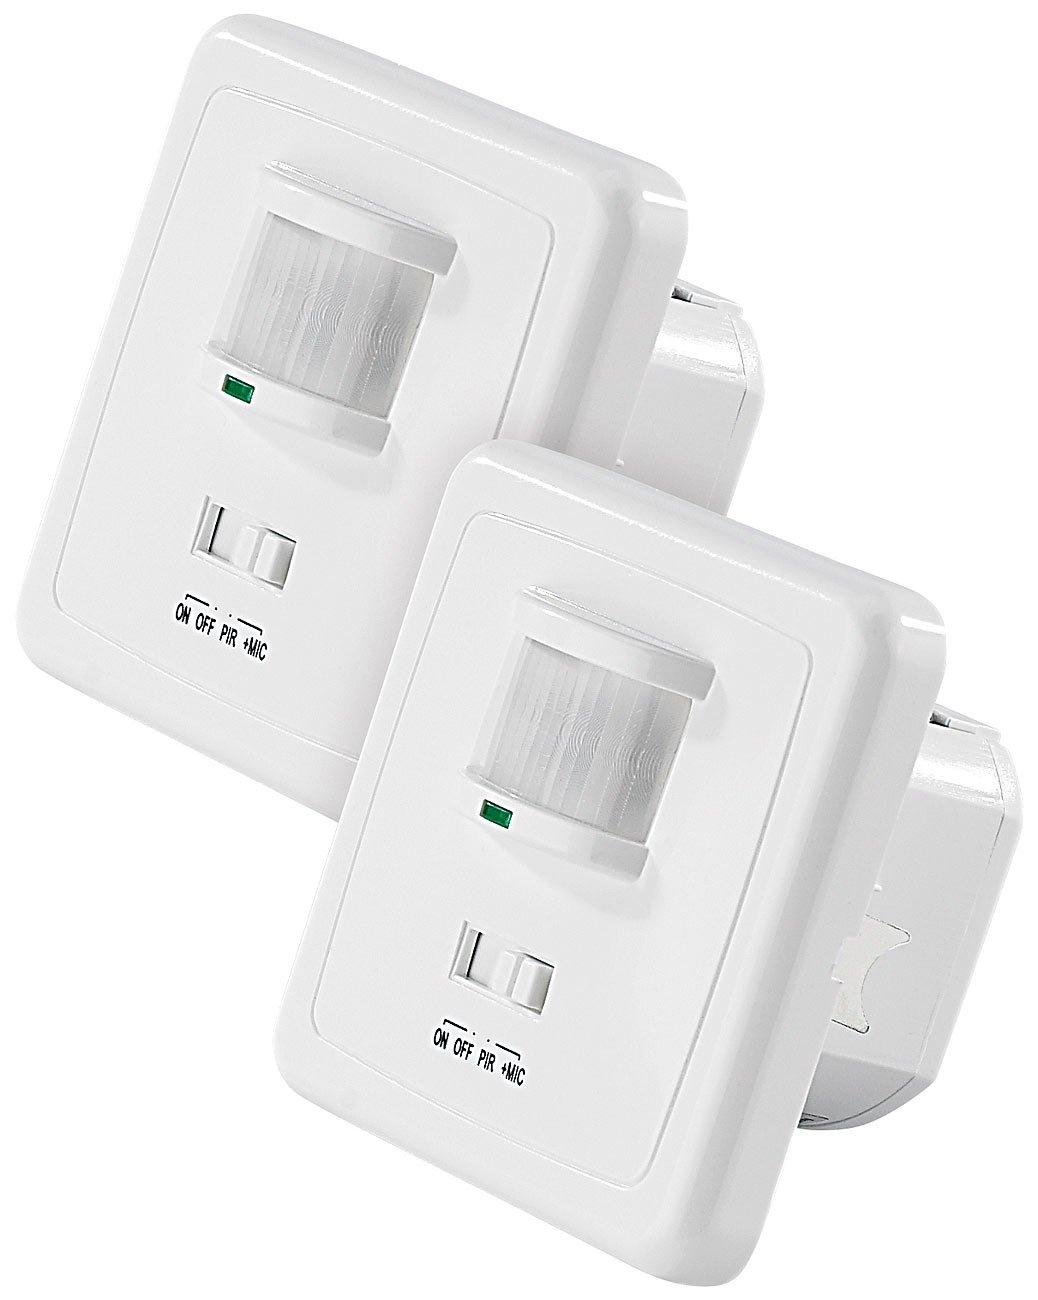 Ungewöhnlich 3 Draht Lichtschalter Anstelle Von 2 Draht Schalter ...